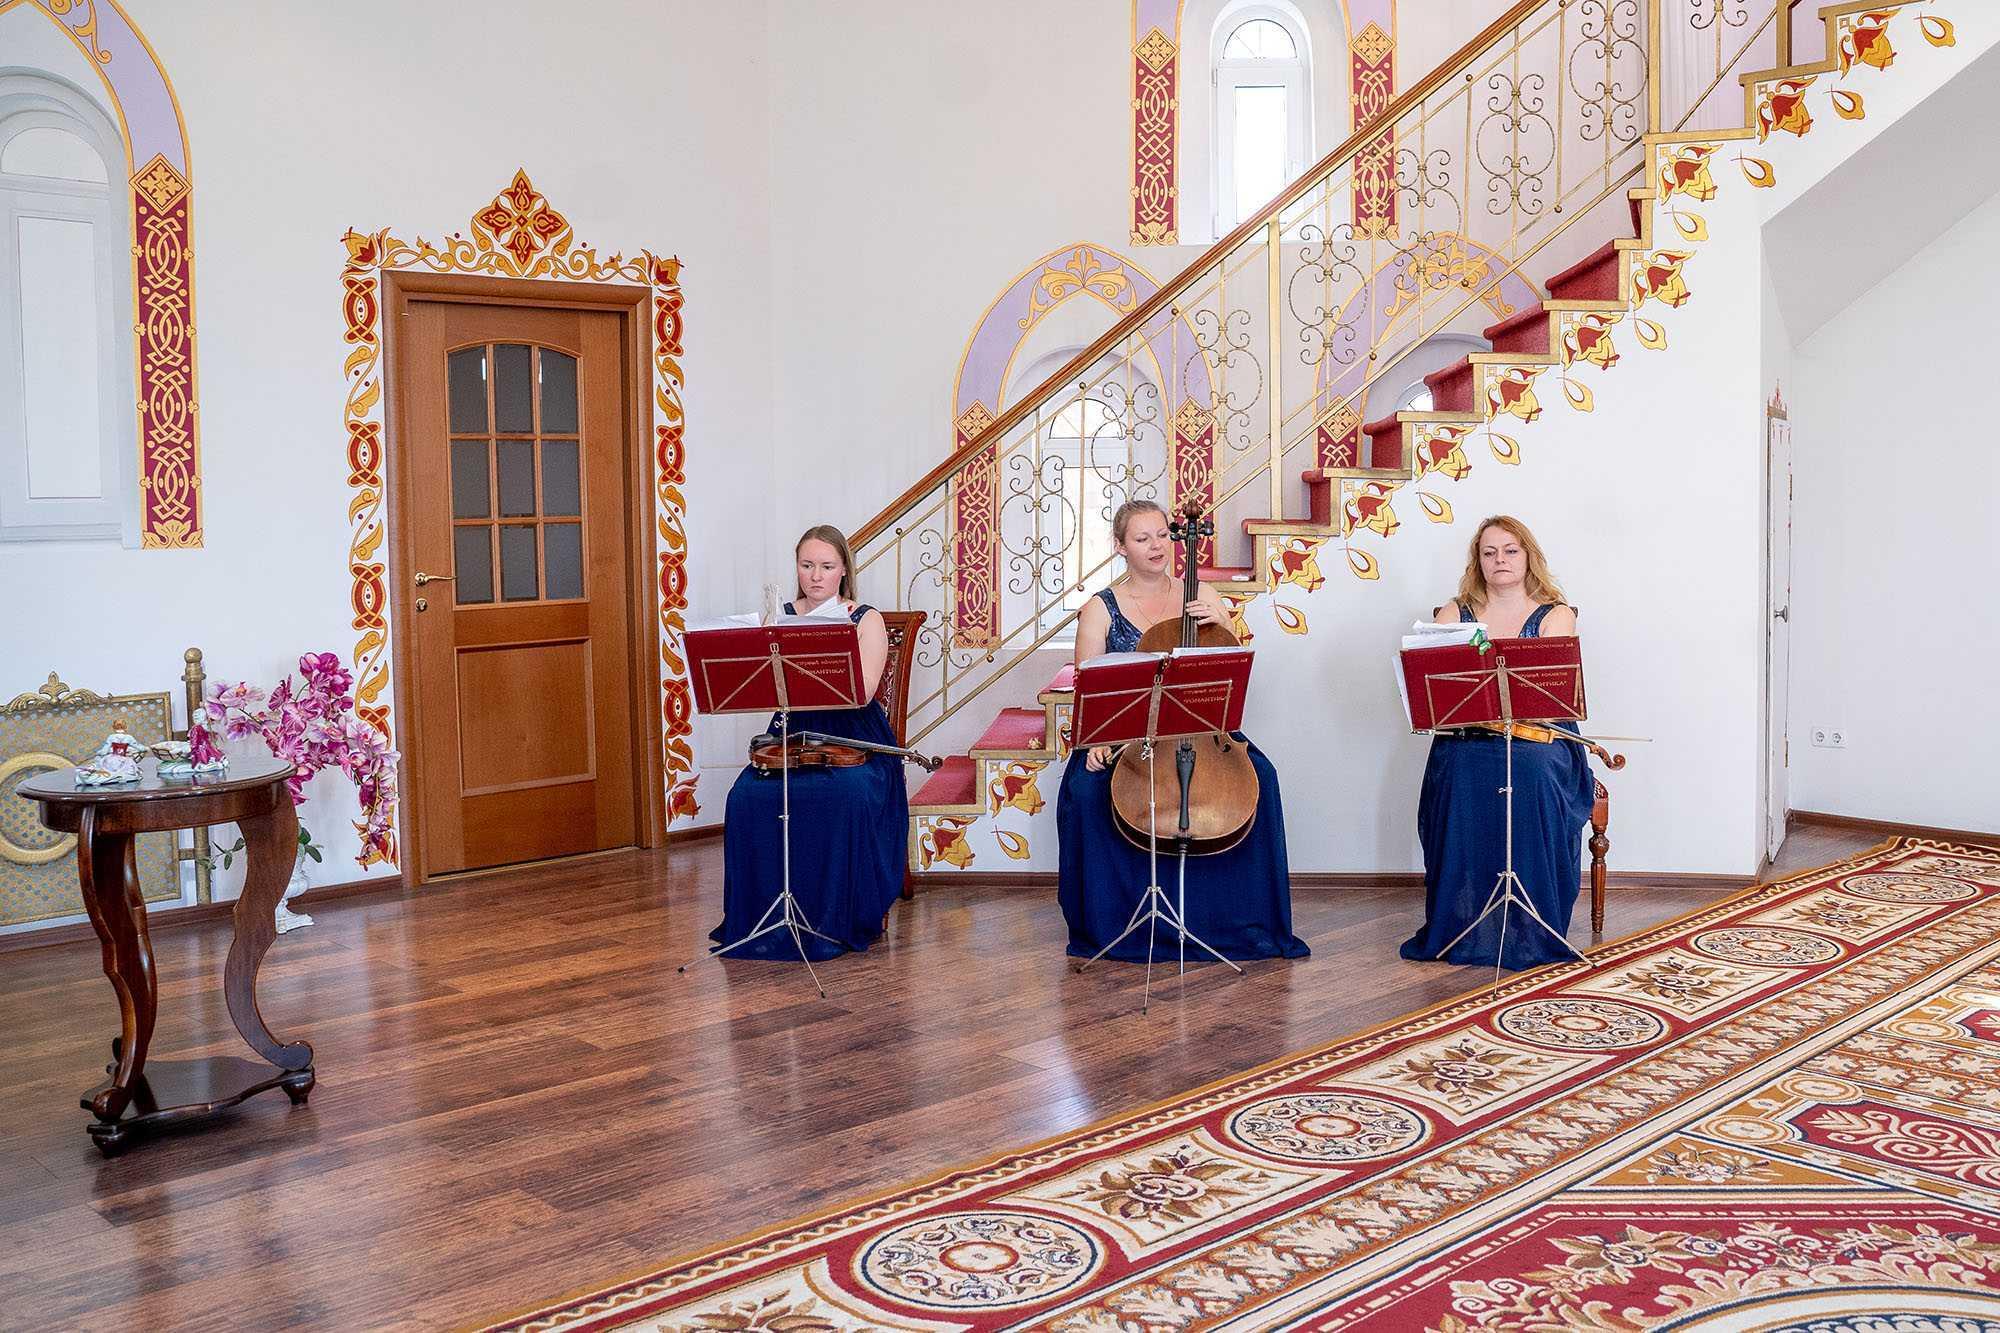 Музыка в загсе в измайловском кремле (5 дворец)